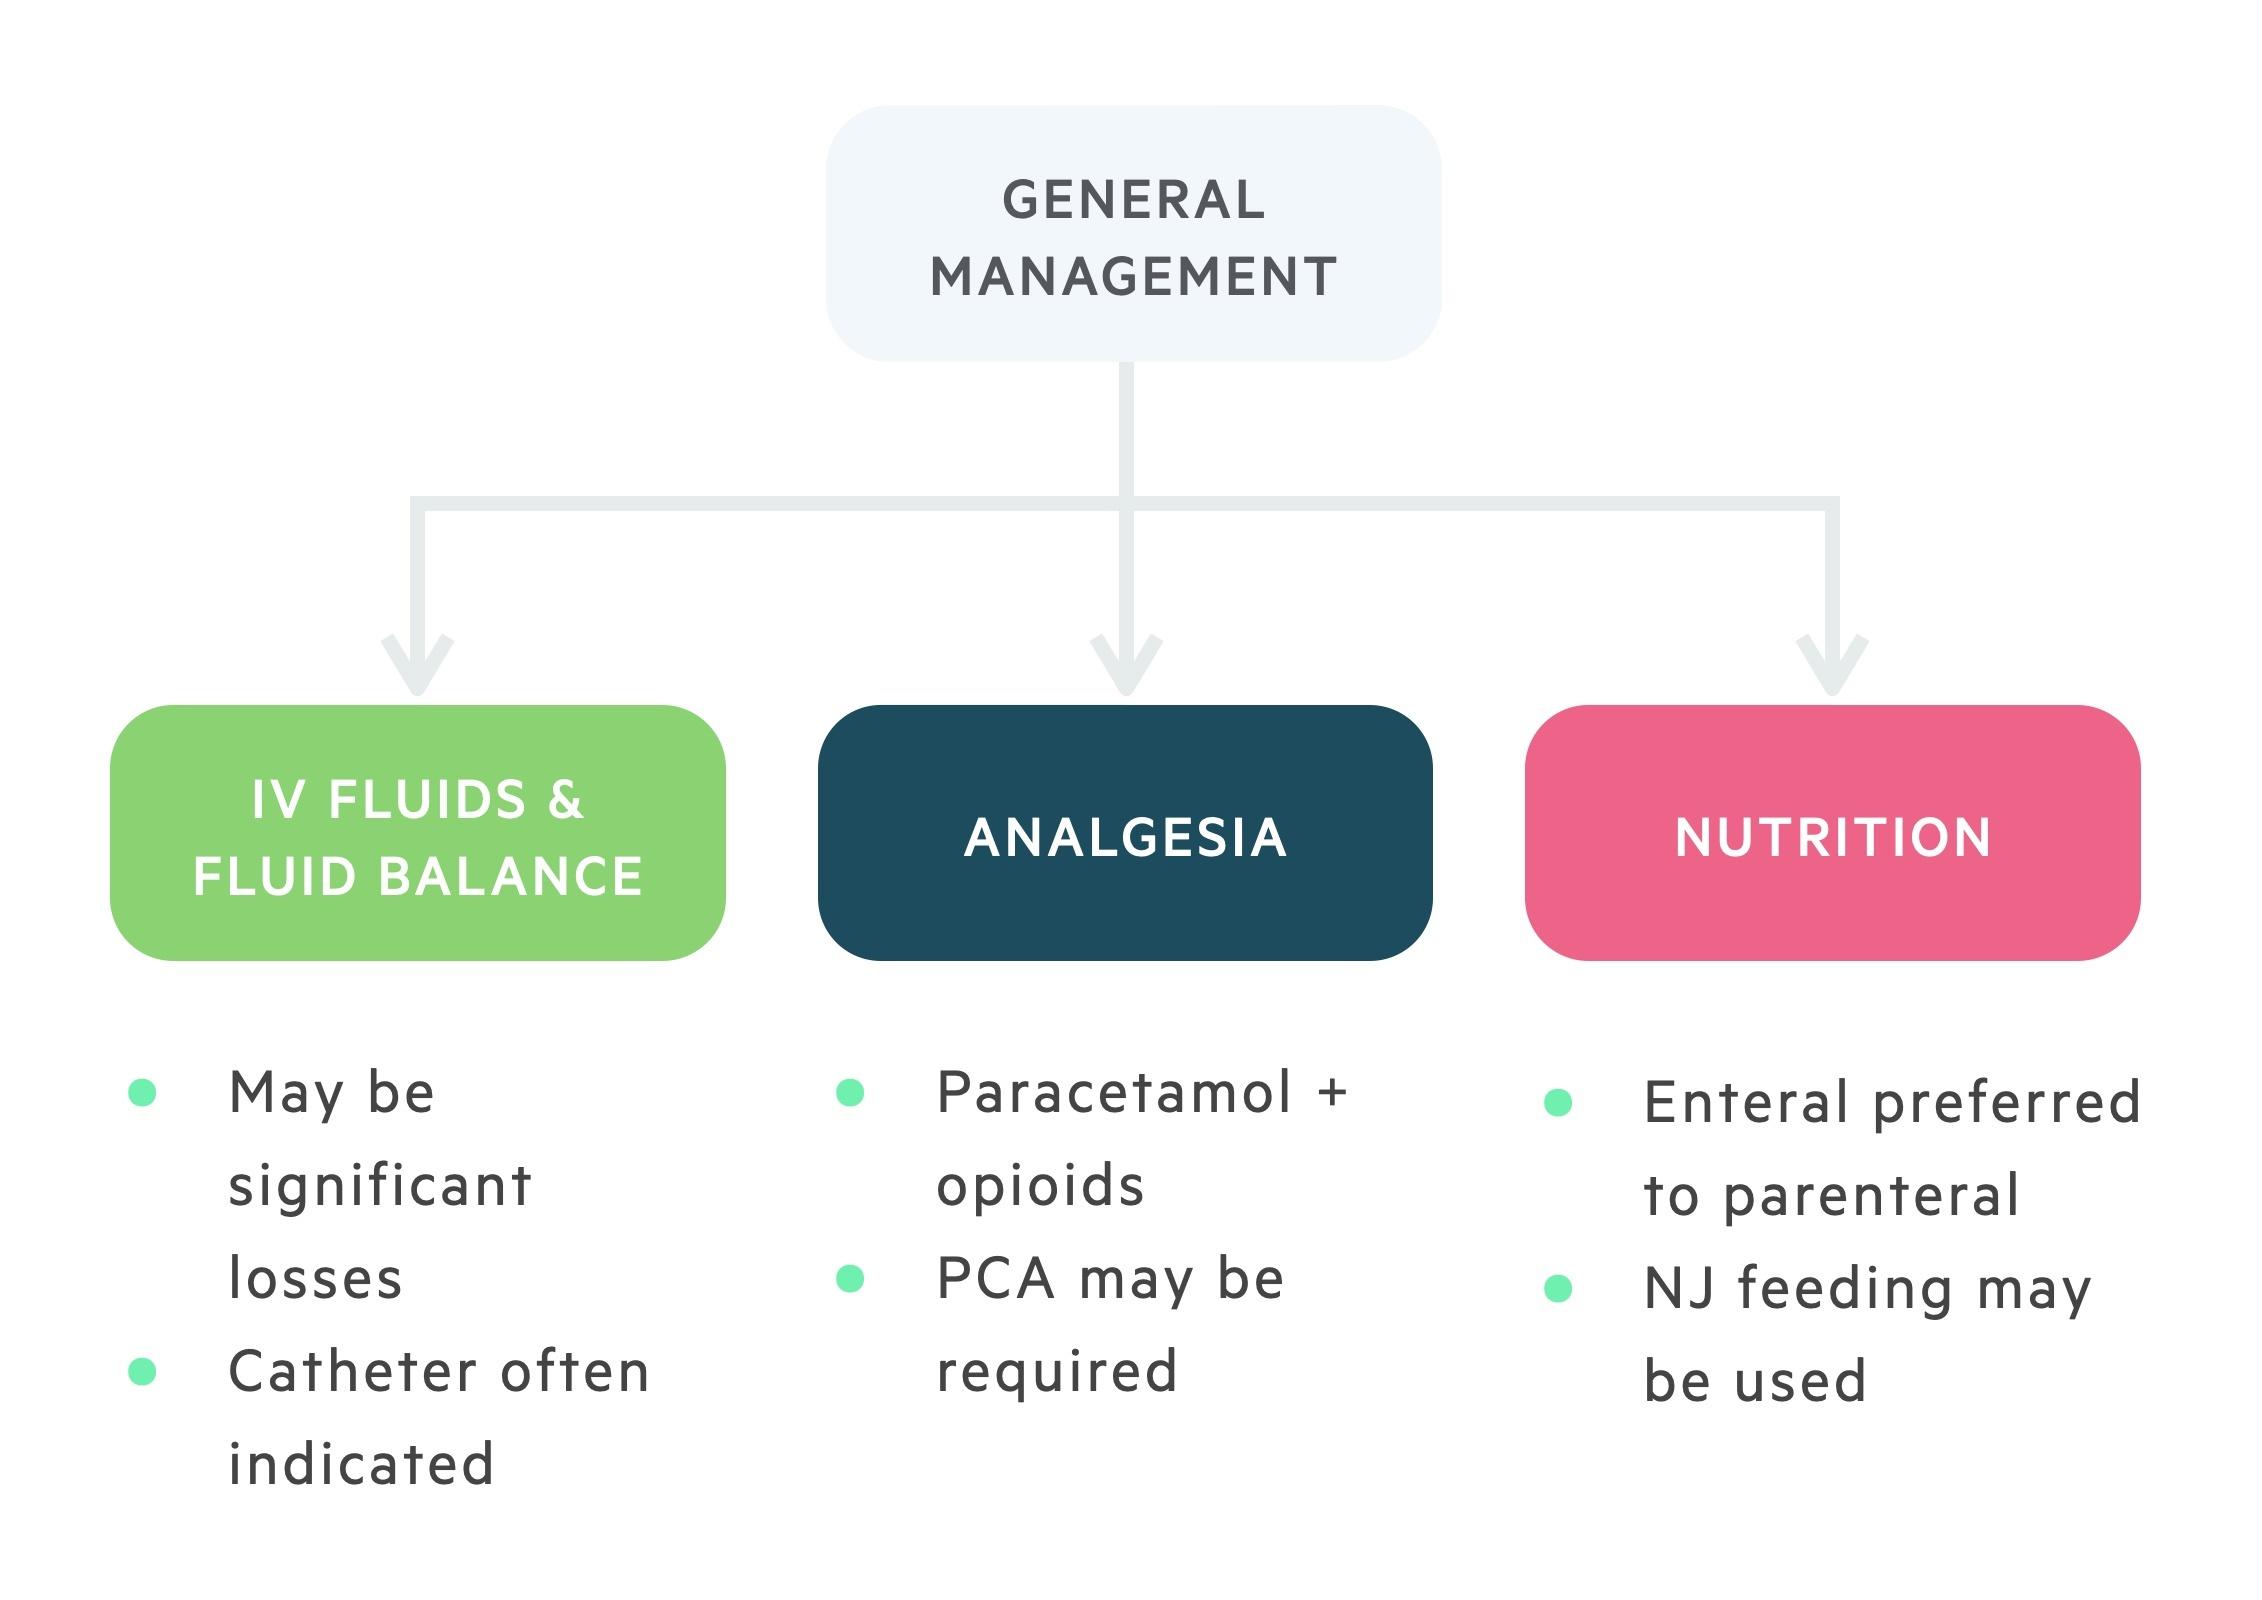 General management of pancreatitis